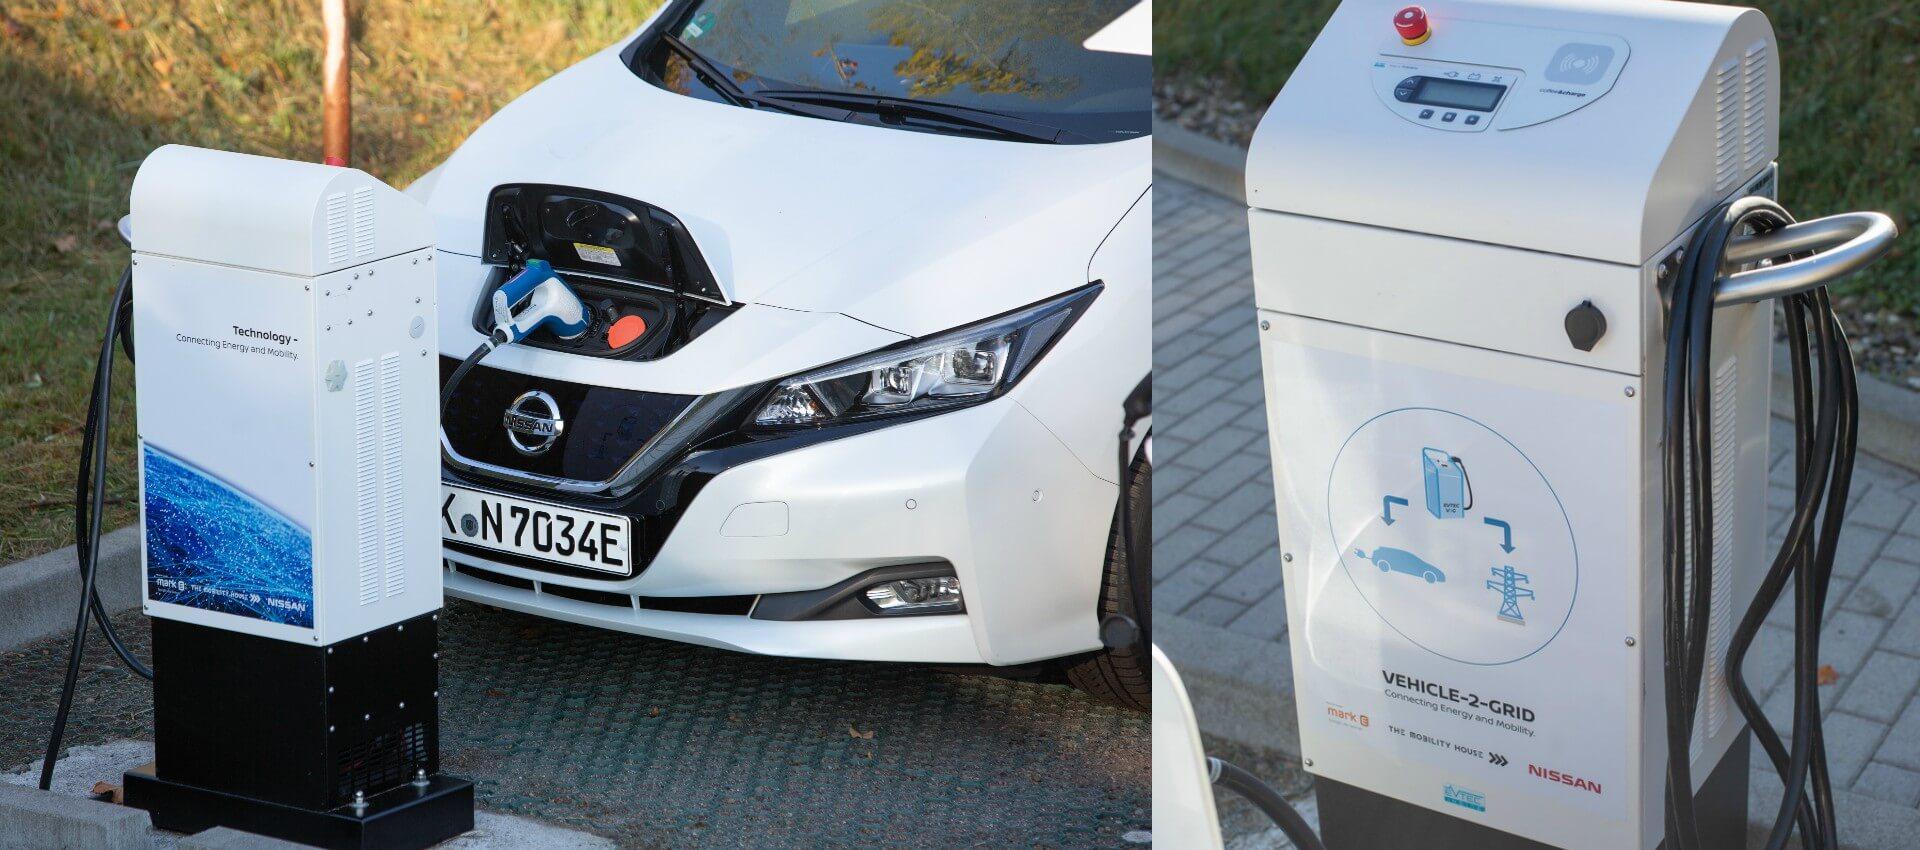 Зарядное устройство с технологией V2G от Nissan